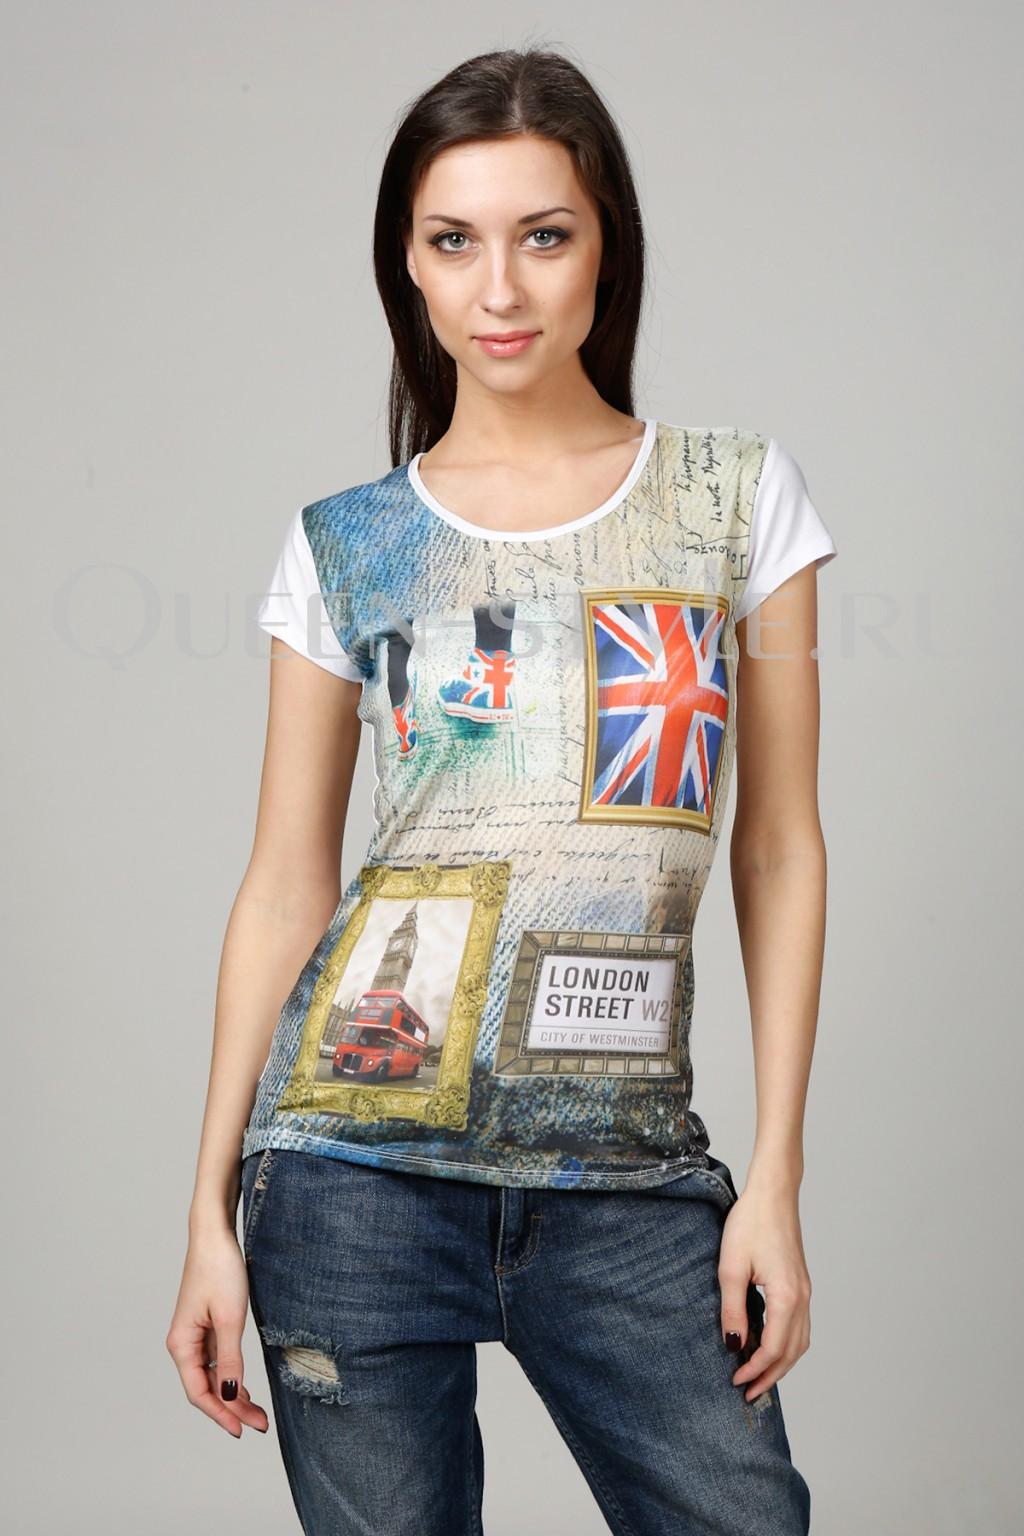 Сбор заказов. Женский трикотаж Queen Style - супербюджет и качество! Цены от 230 до 800руб. Майки, футболки, блузы, леггинсы и платья! Есть распродажа!